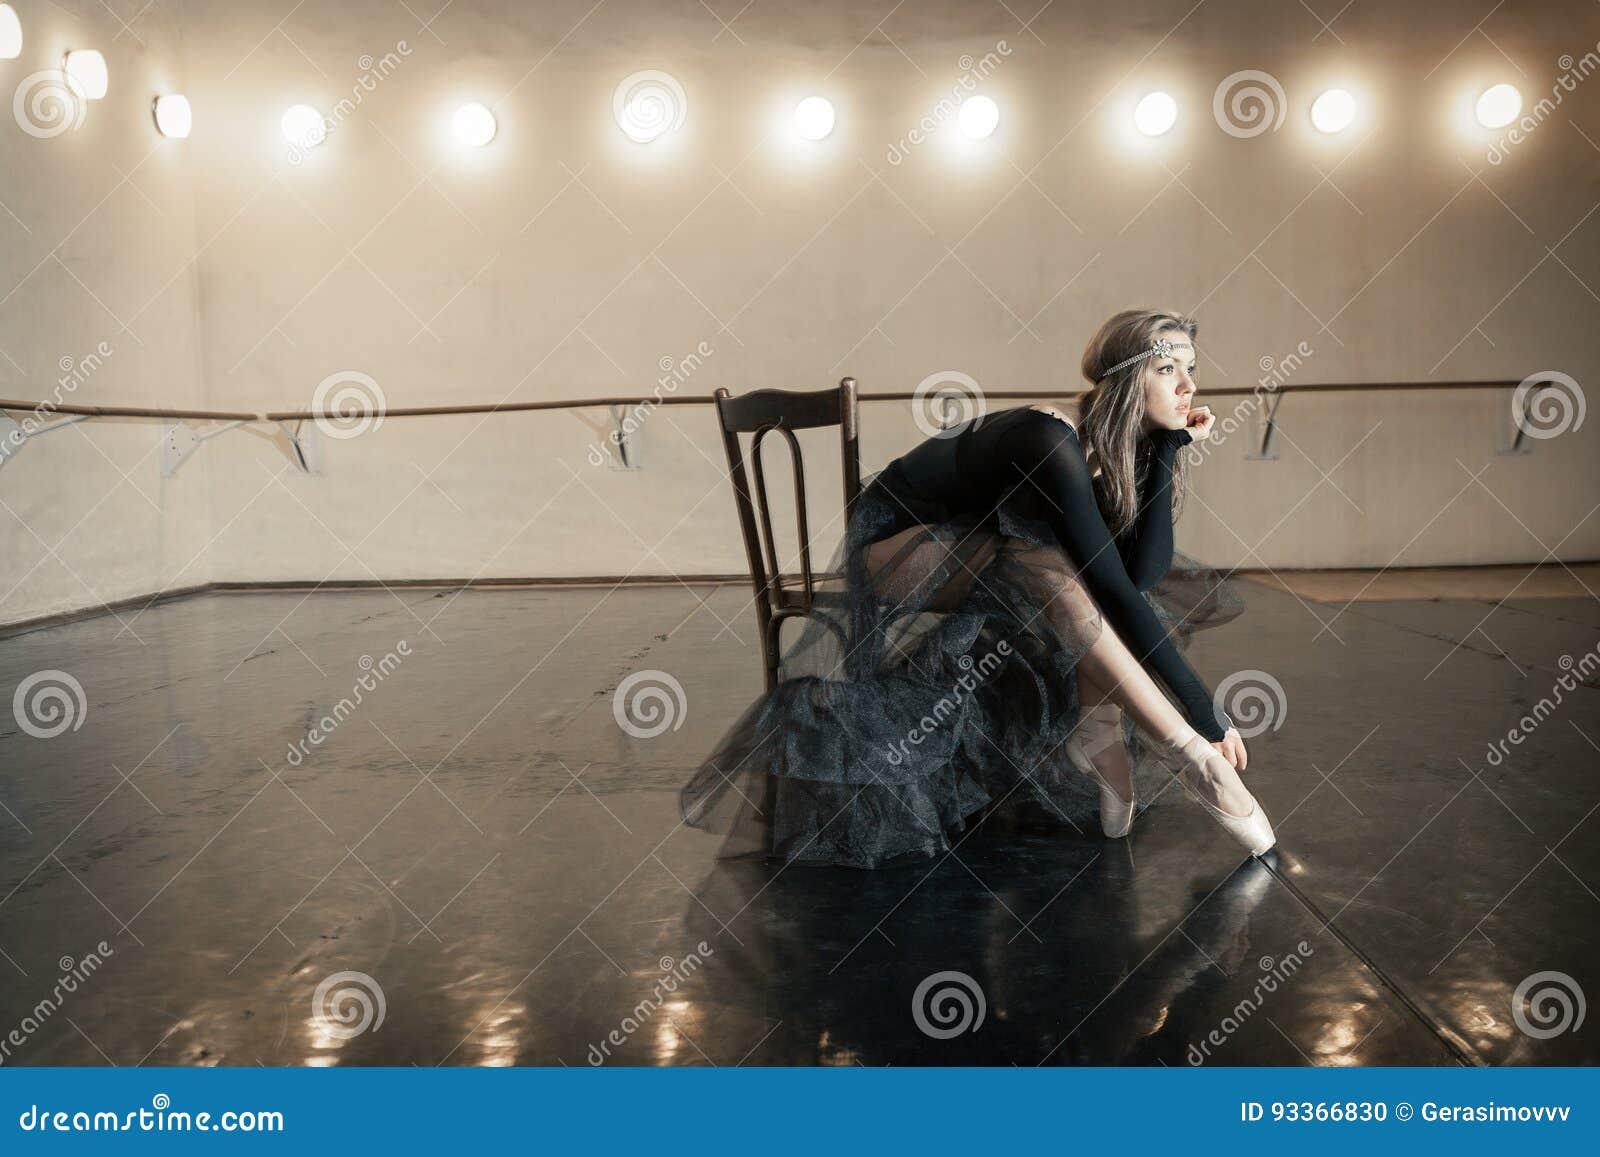 Danseur classique contemporain sur une chaise en bois sur une répétition